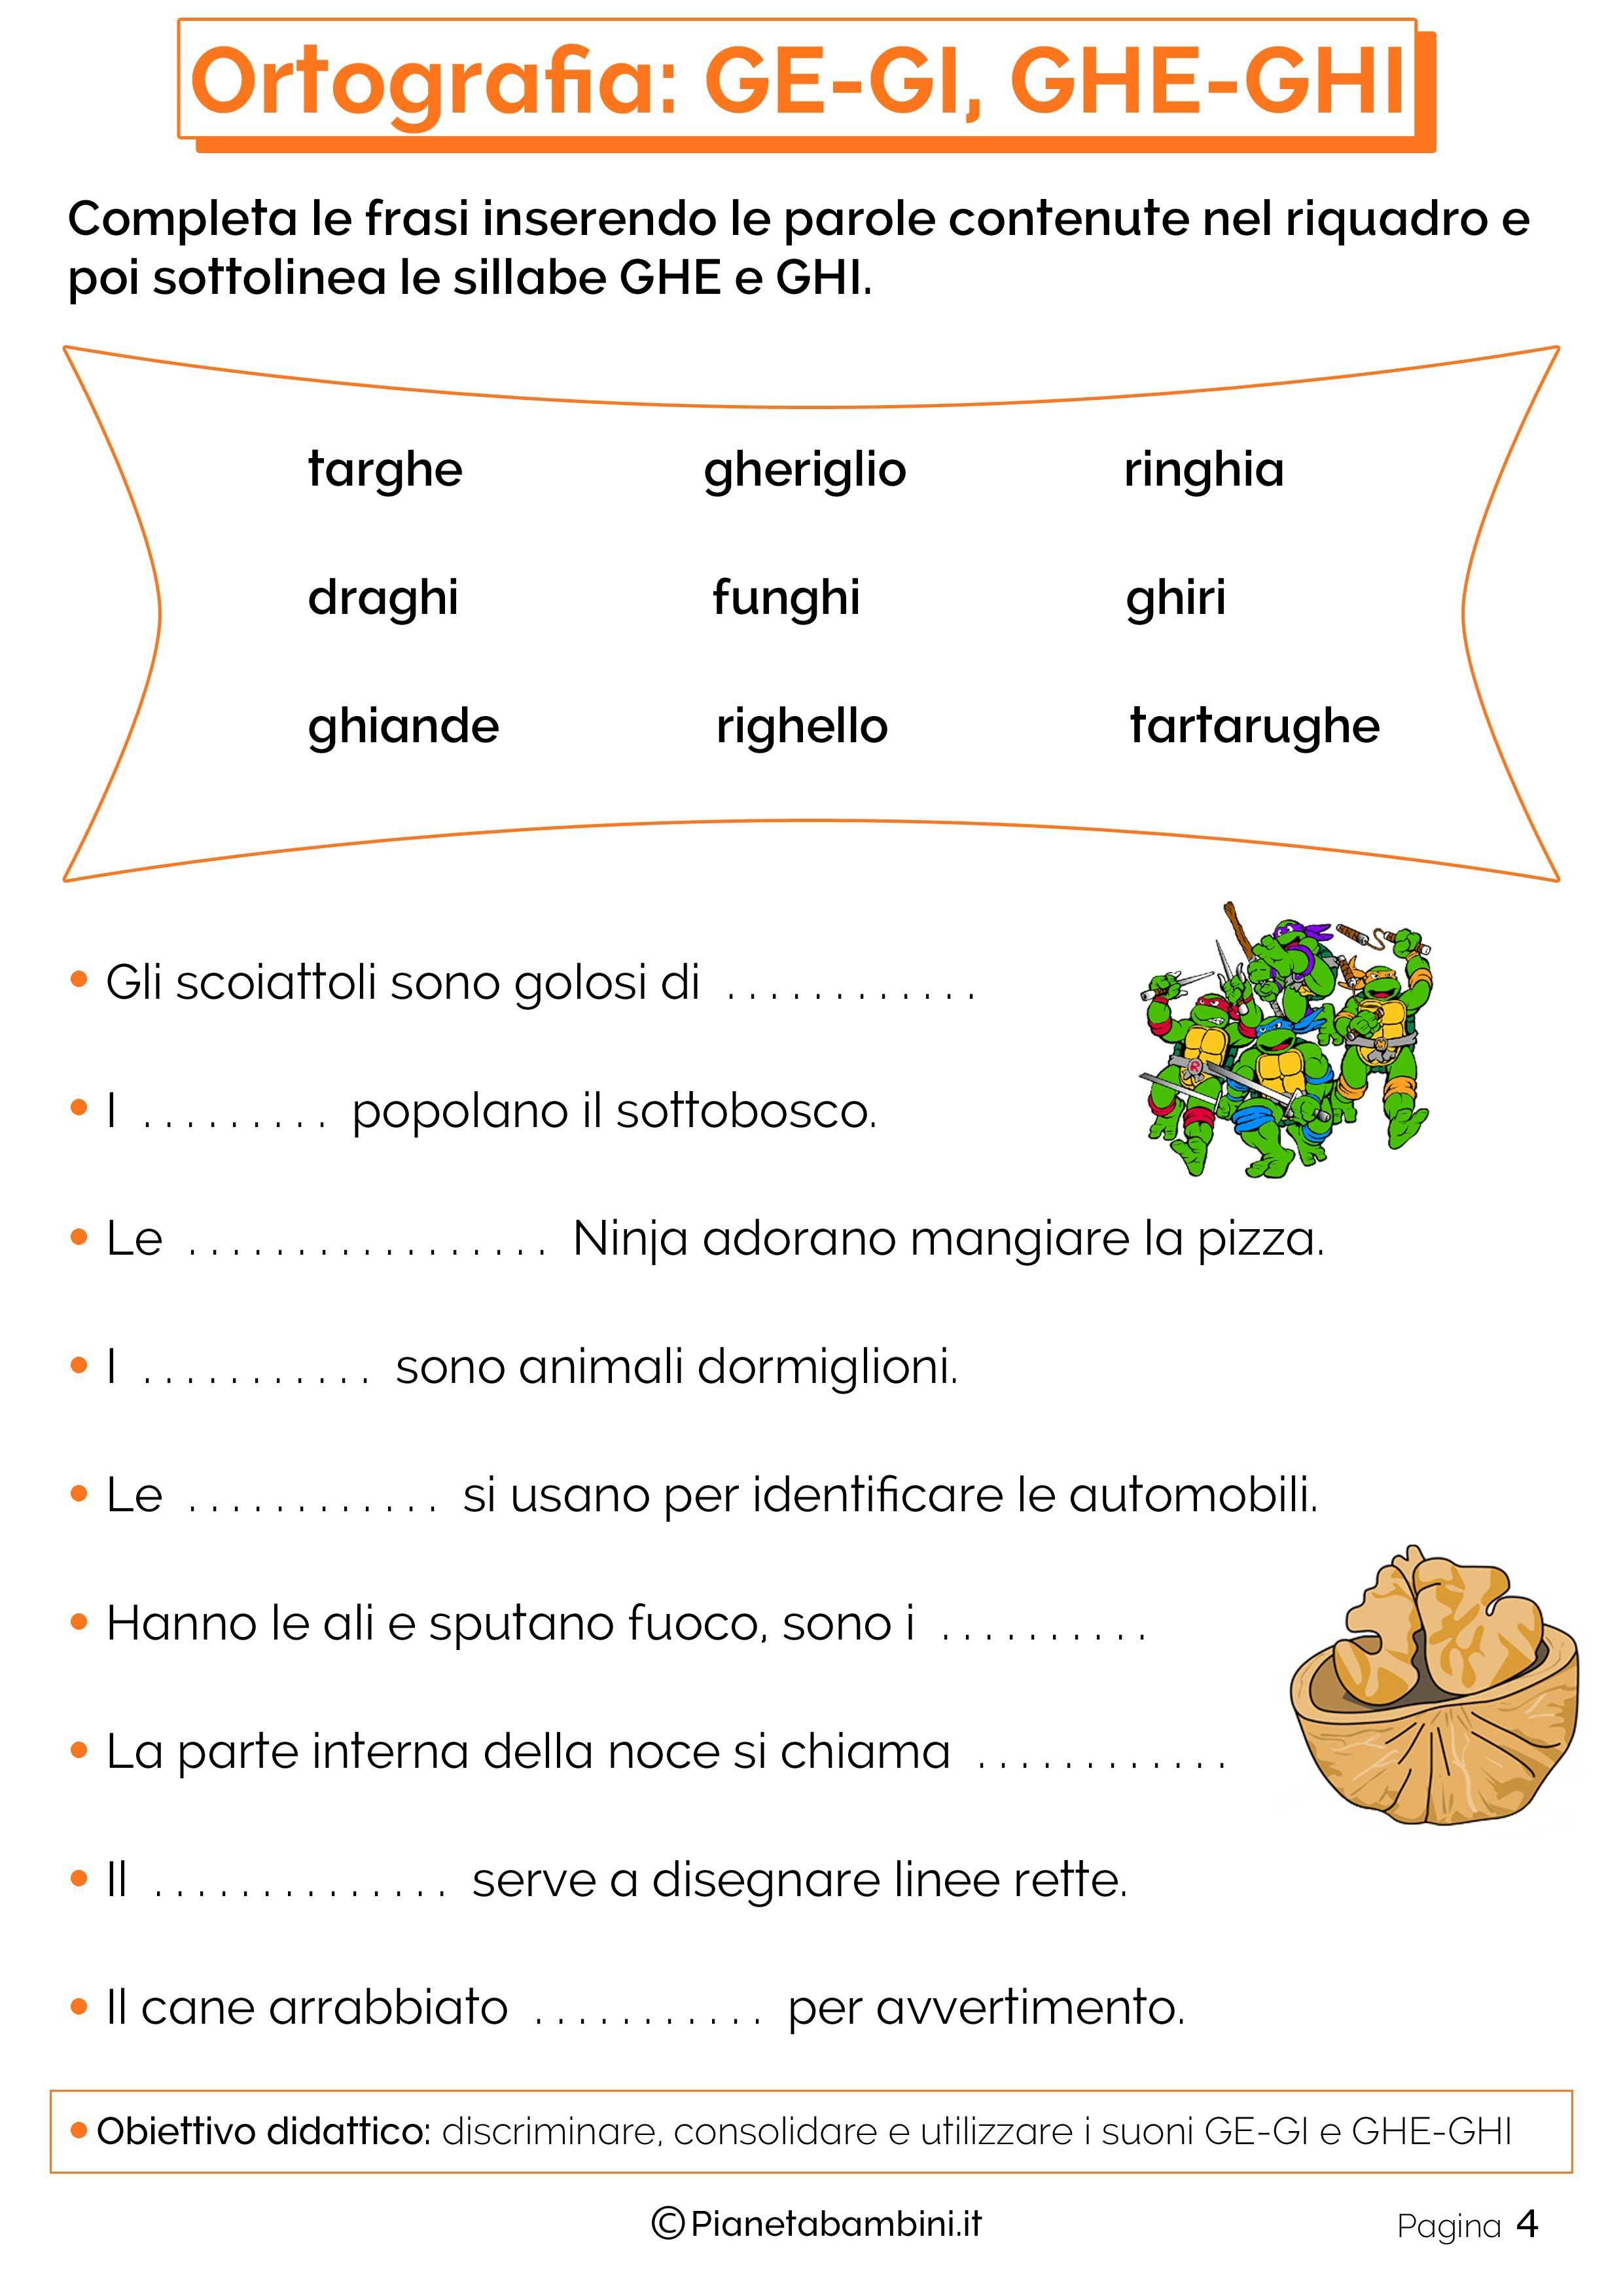 Schede didattiche su ge gi e ghe ghi da stampare italiano schede didattiche schede e for Parole con gi